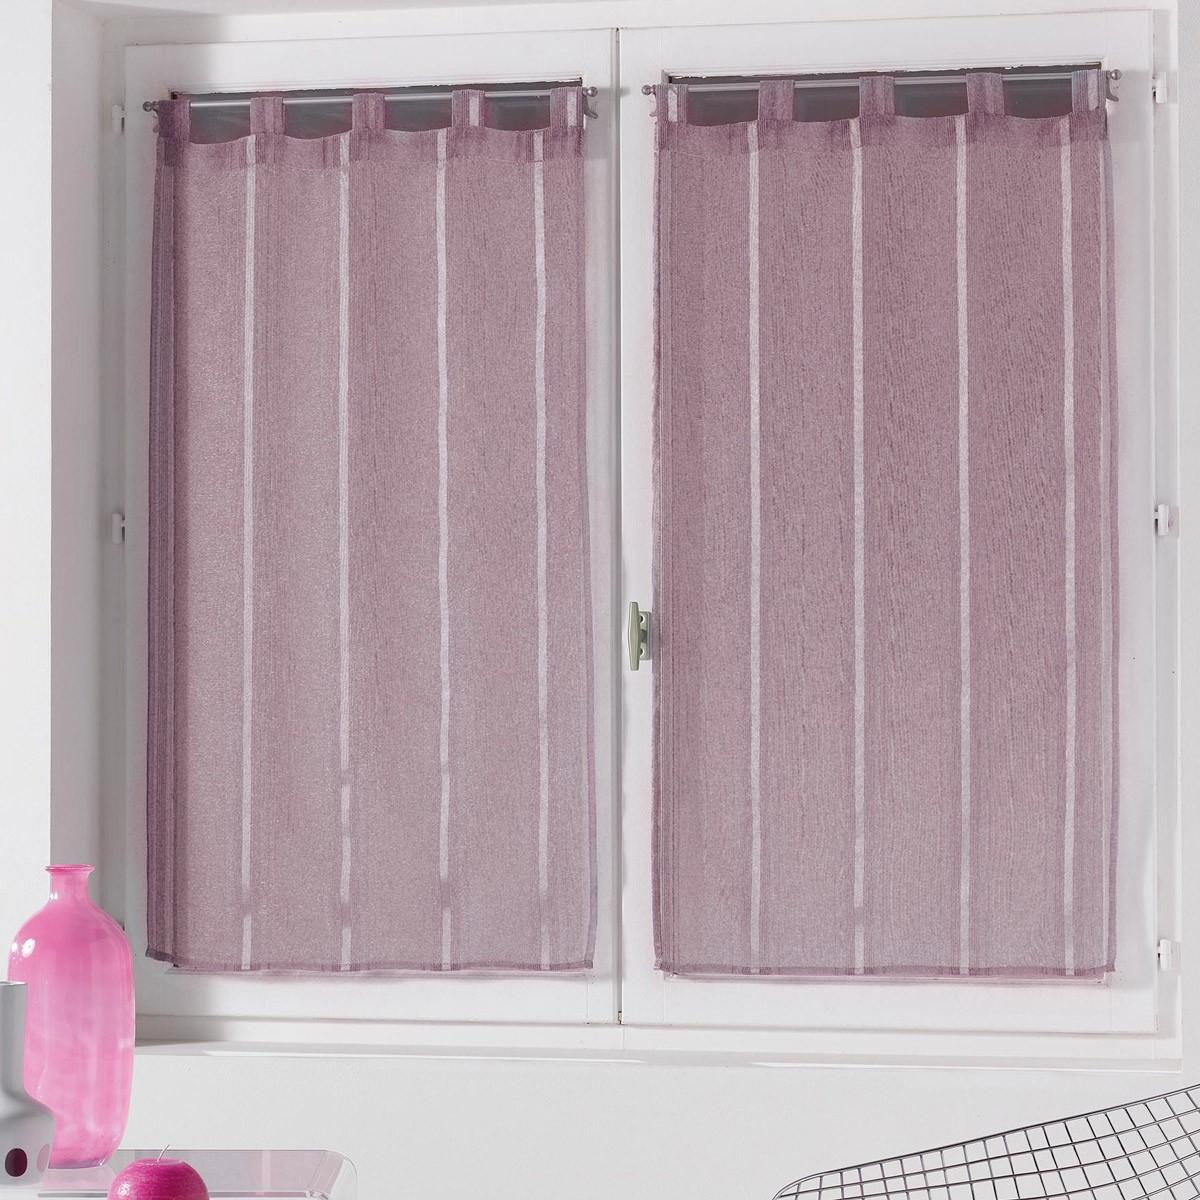 Σετ Κουρτίνες Παραθύρου (60x90) Louane Violet 1624061 home   κουζίνα   τραπεζαρία   κουρτίνες κουζίνας